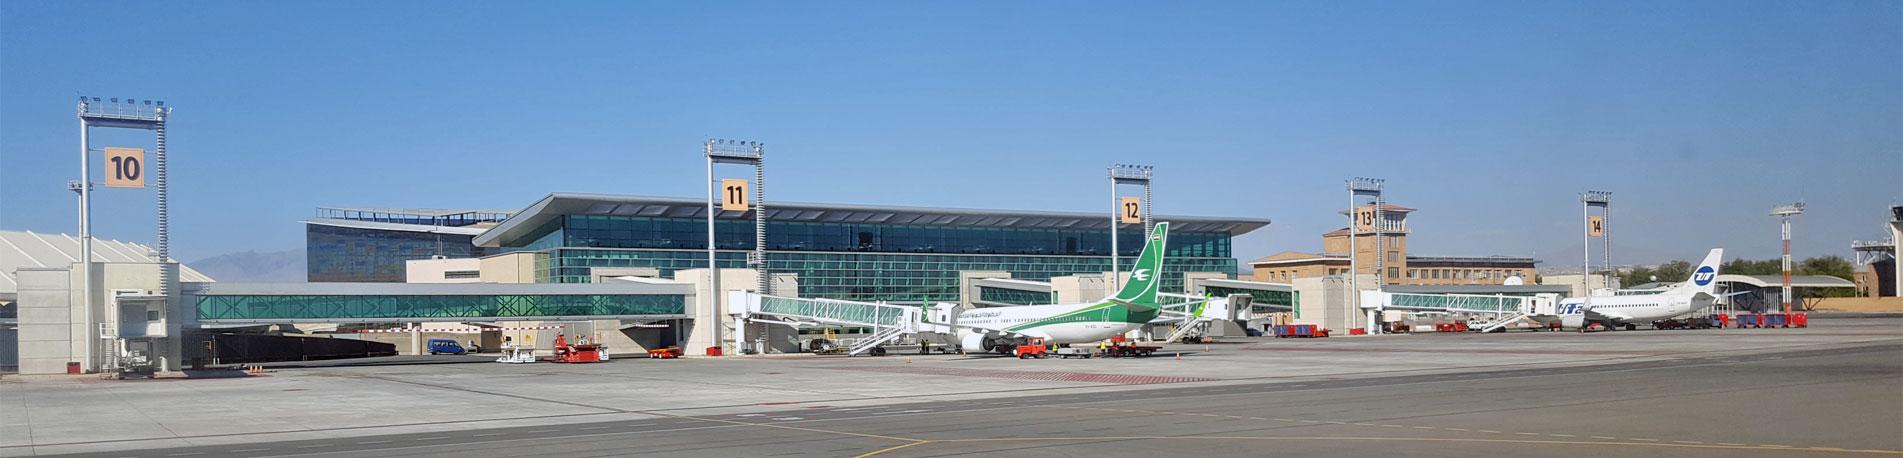 Ереванский аэропорт Звартноц